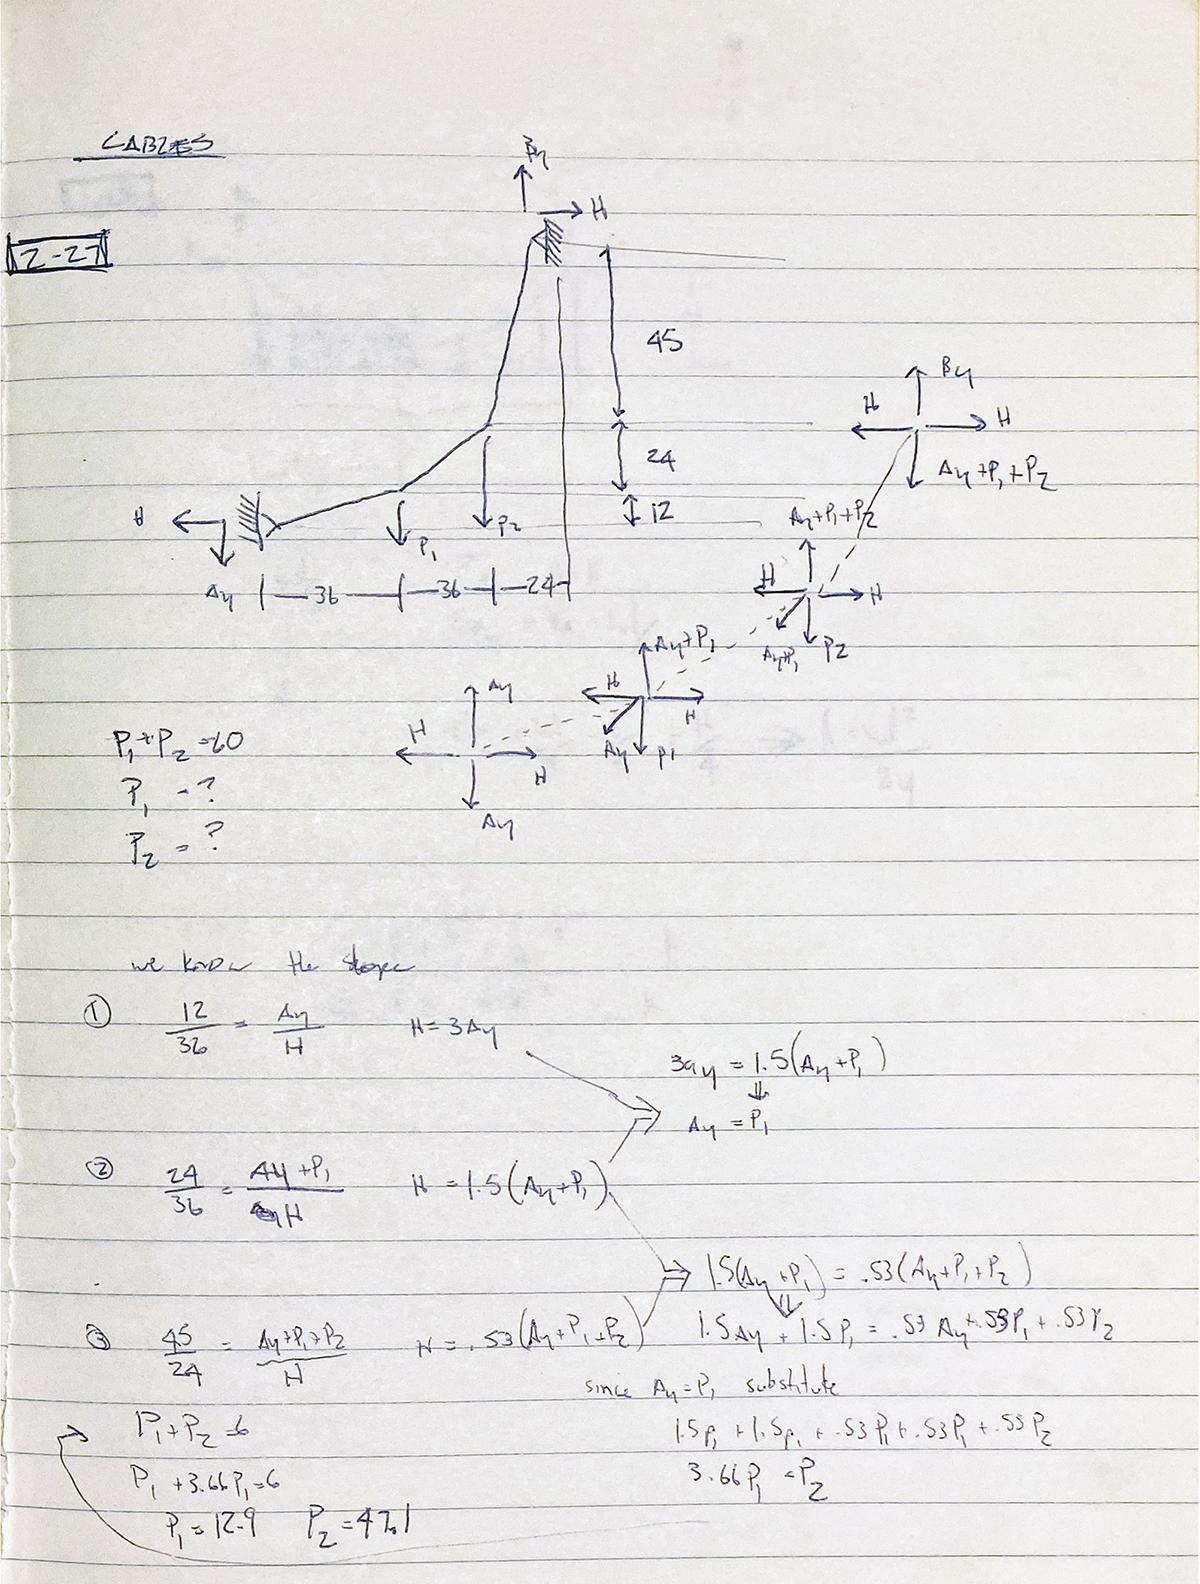 Bob Borson - Structures Notes